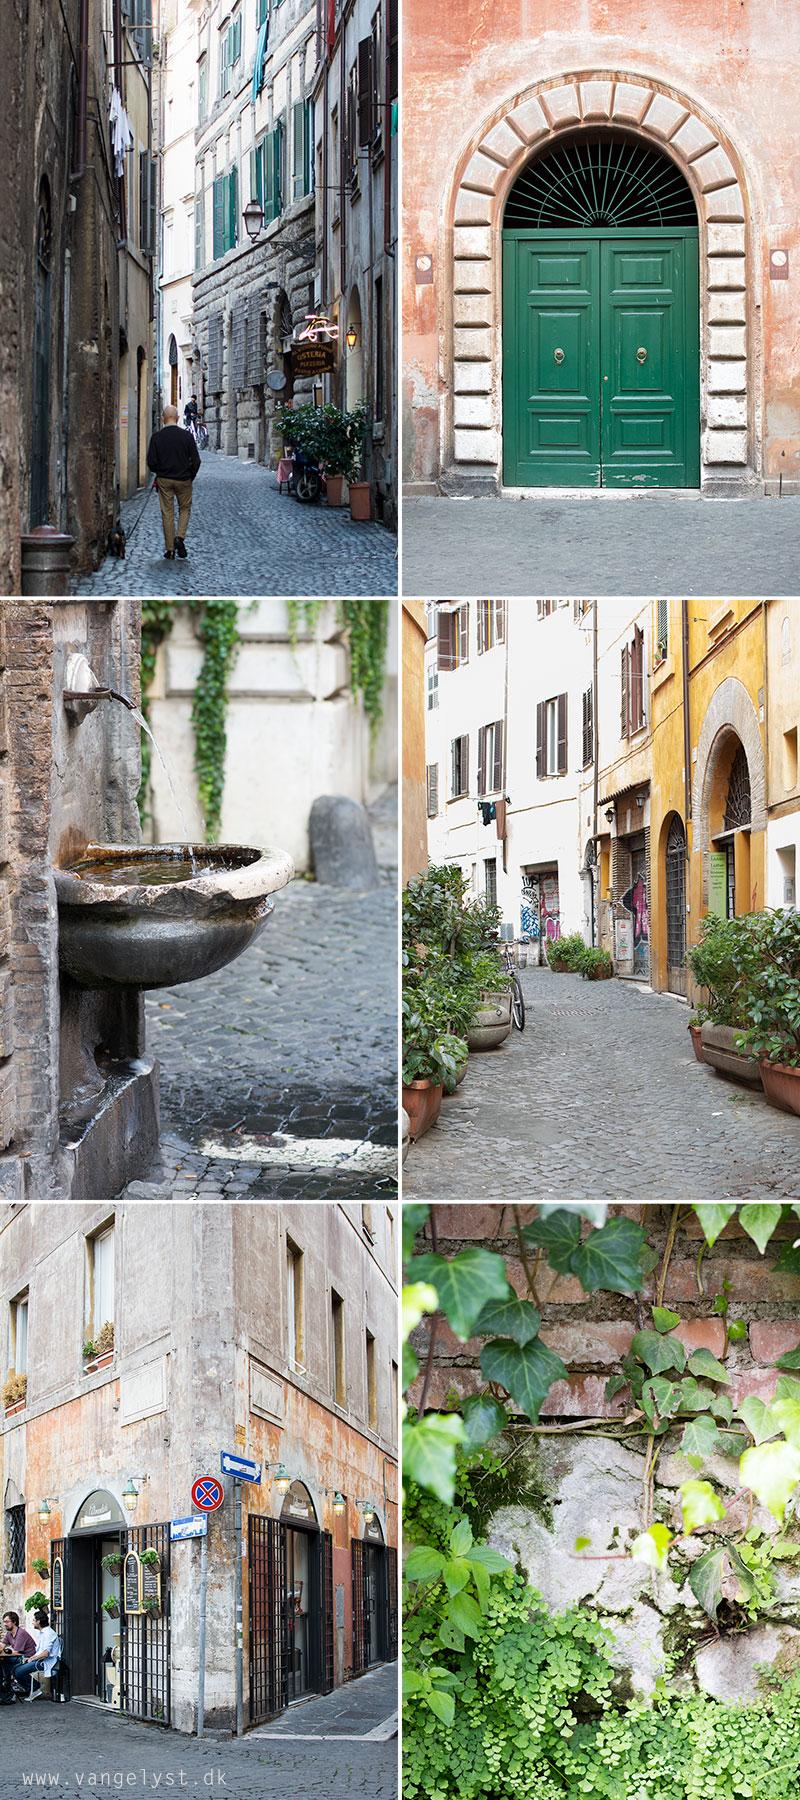 Smalle gader og detaljer i Rom - www.vangelyst.dk